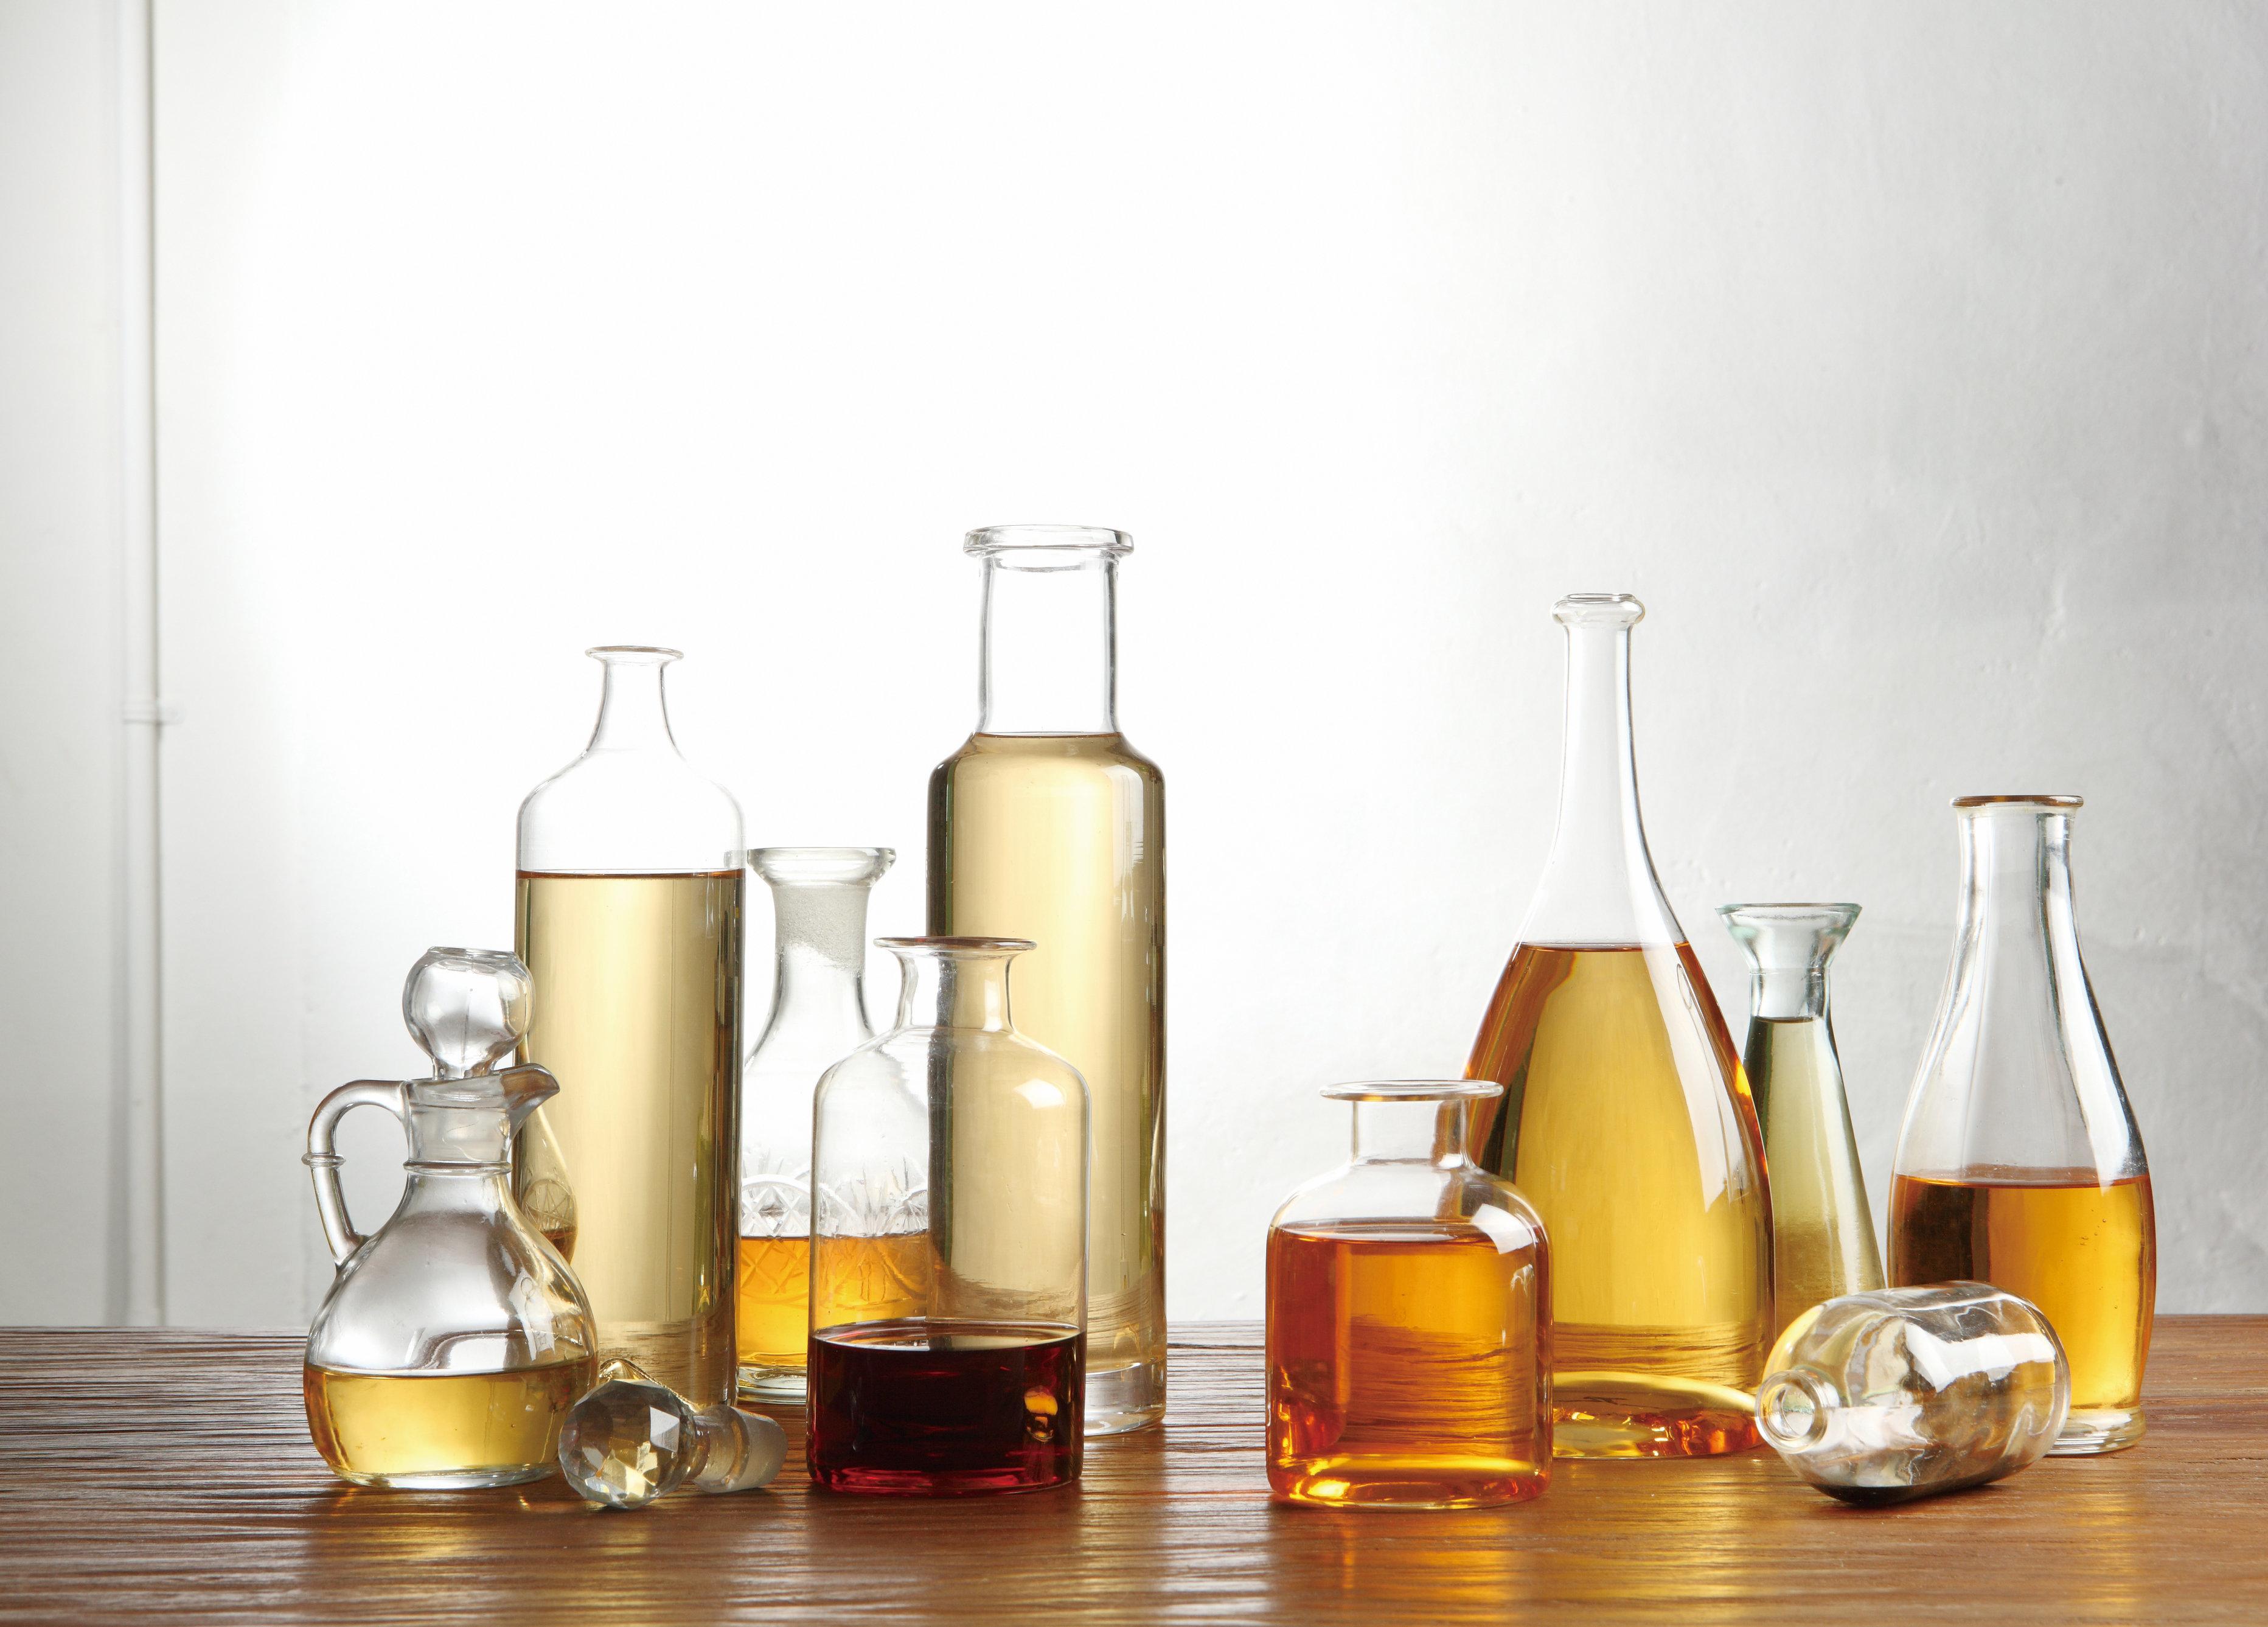 Vinegar in various bottle